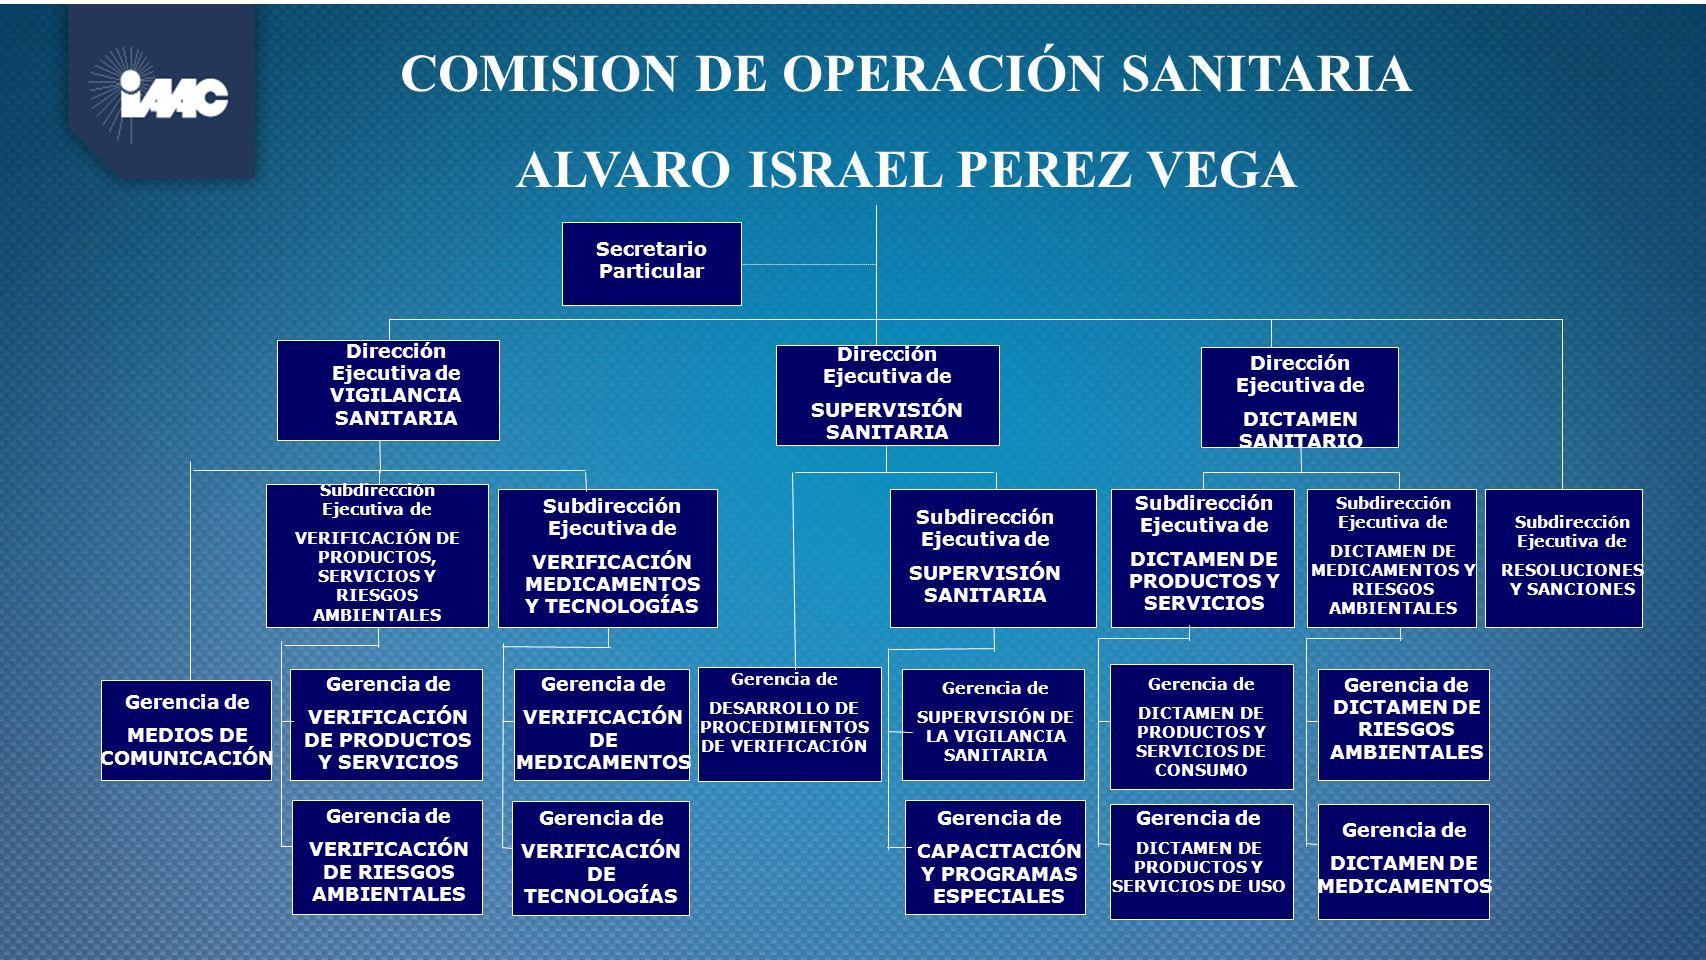 COMISION DE OPERACIÓN SANITARIA ALVARO ISRAEL PEREZ VEGA